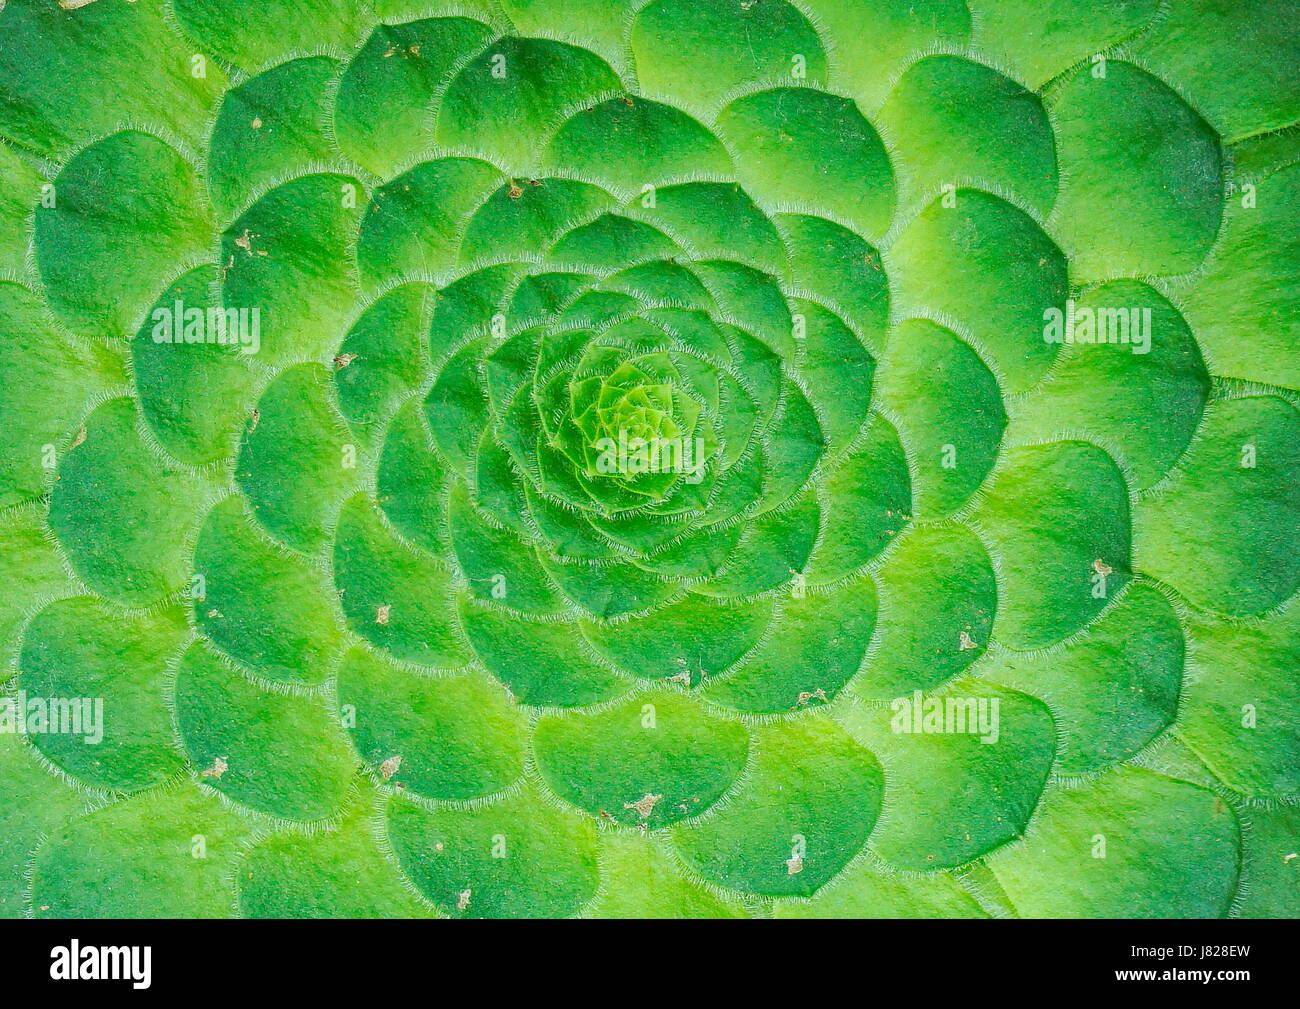 Symmetrische Muster des Zentrums eine Kaktus Pflanze, die eine schöne Wanddekoration Kunst machen Stockfoto